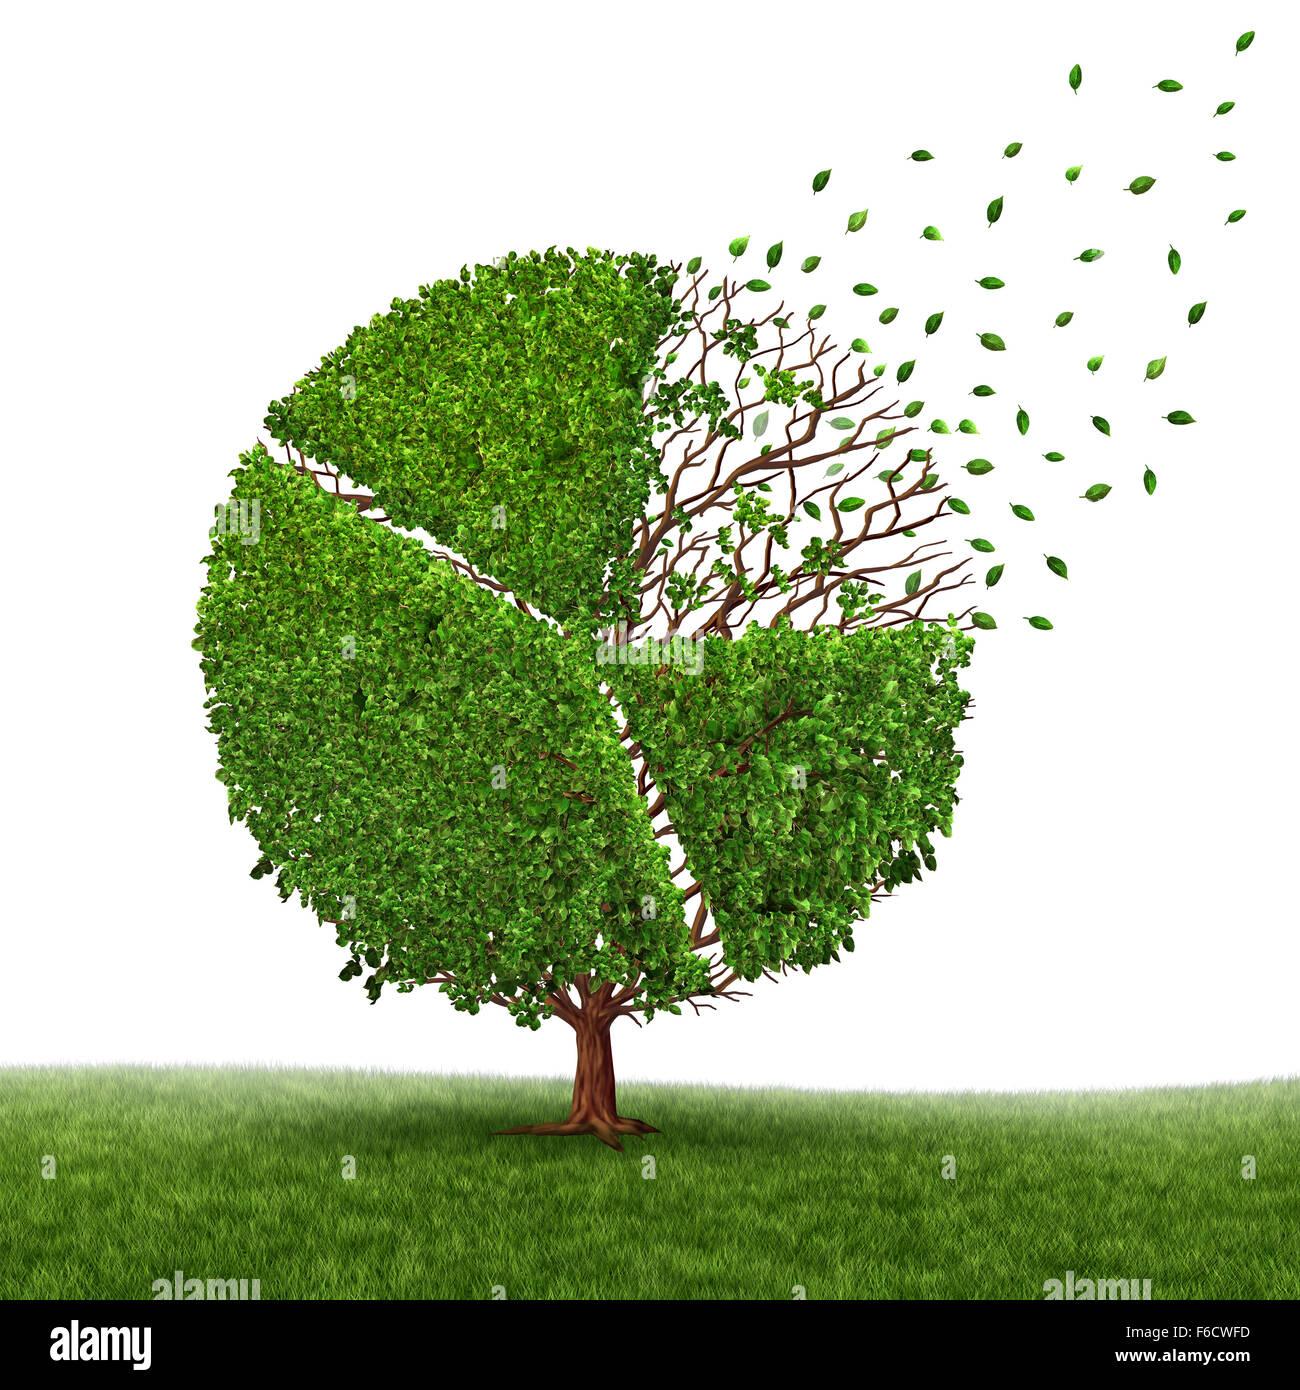 Mercato finanziario di perdita e di perdere il profitto come un grafico a torta in un albero che cresce verde lascia Immagini Stock